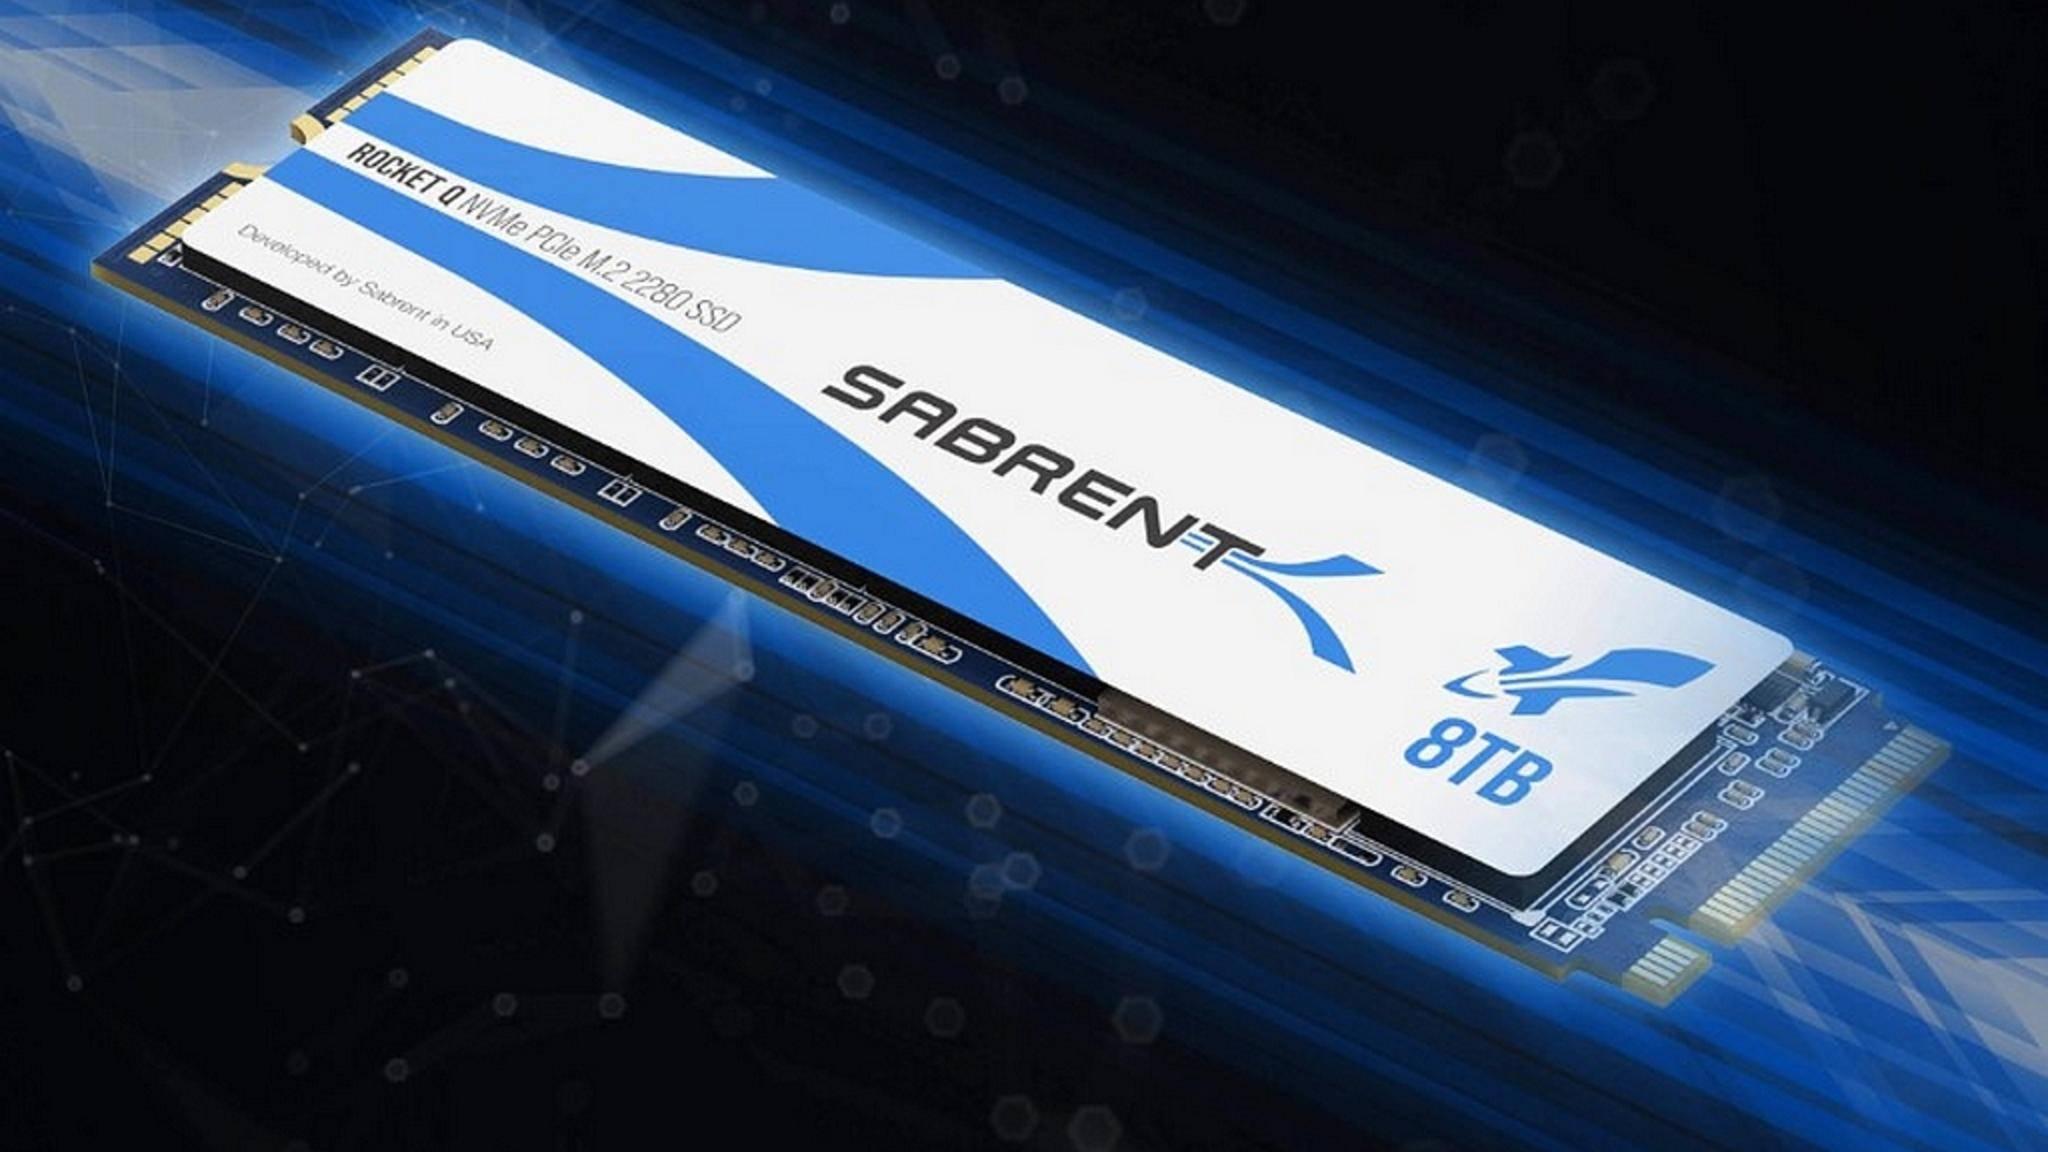 Sabrent-8TB-M2-SSD